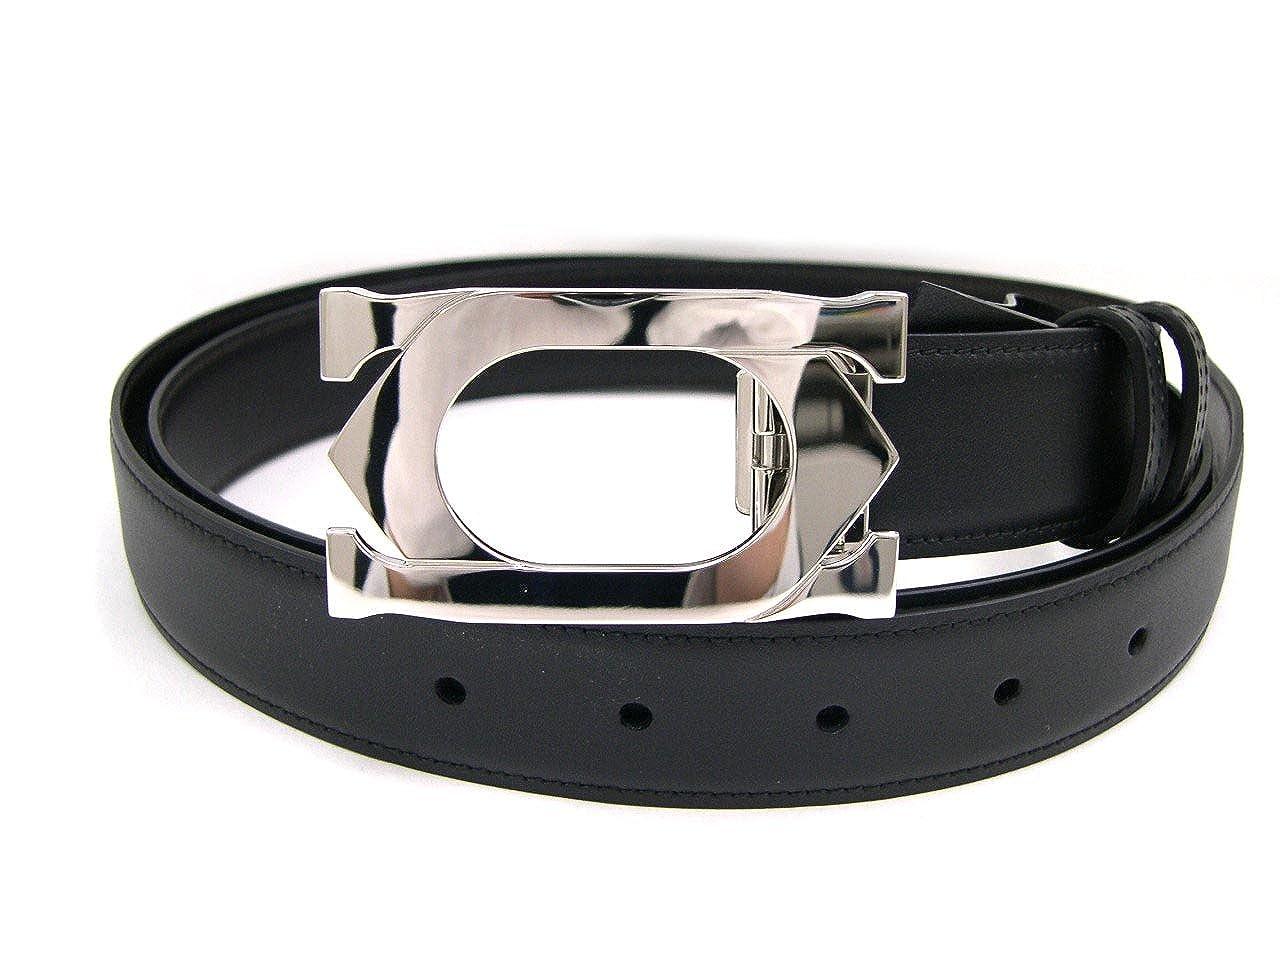 CARTIER L5000418 リバーシブル メンズベルト カーフ ブラック×ダークブラウン  (並行輸入) B008HY1NW0